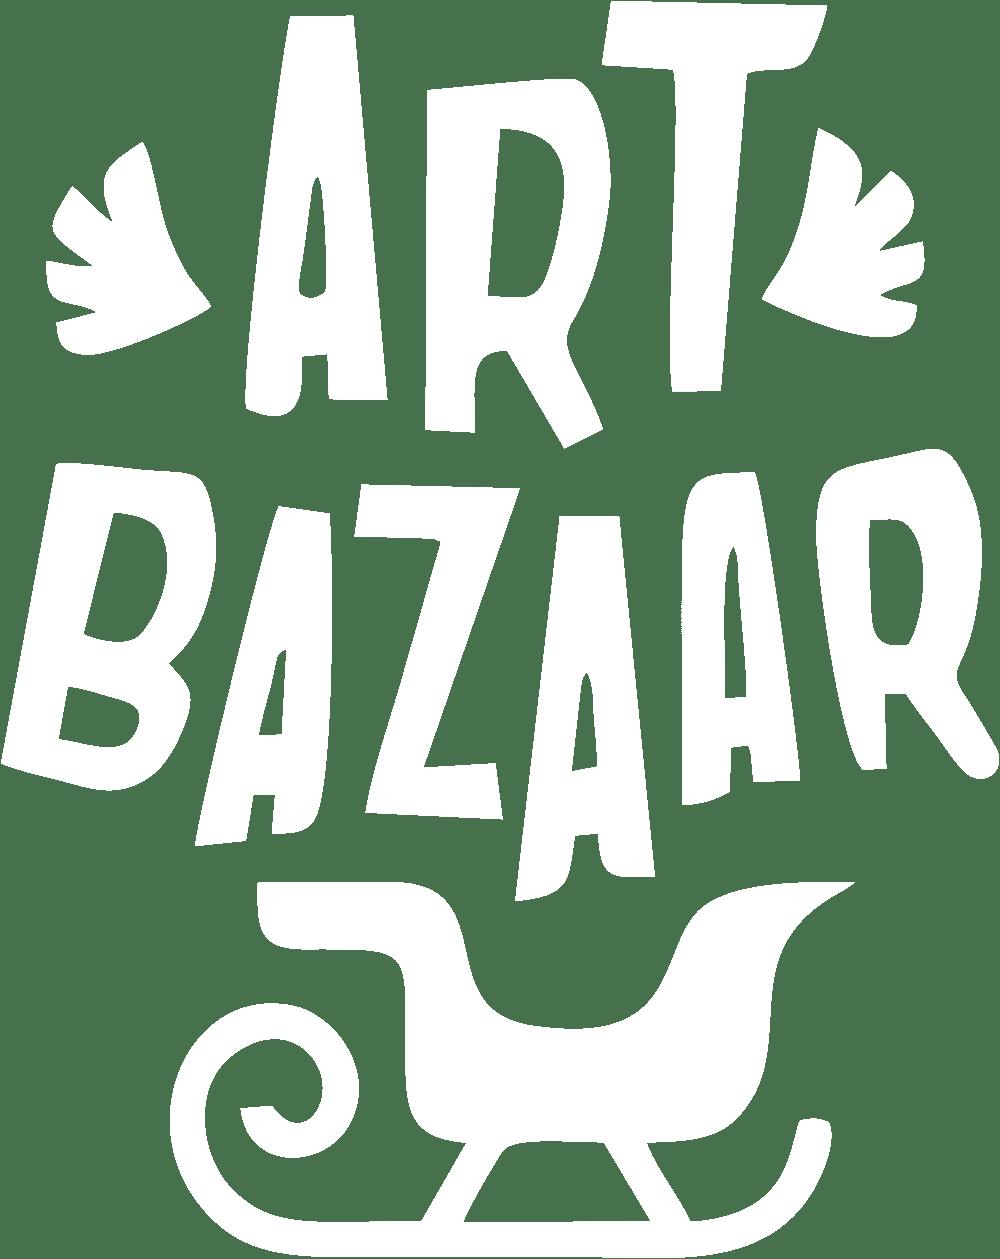 логотип арт базар 2022